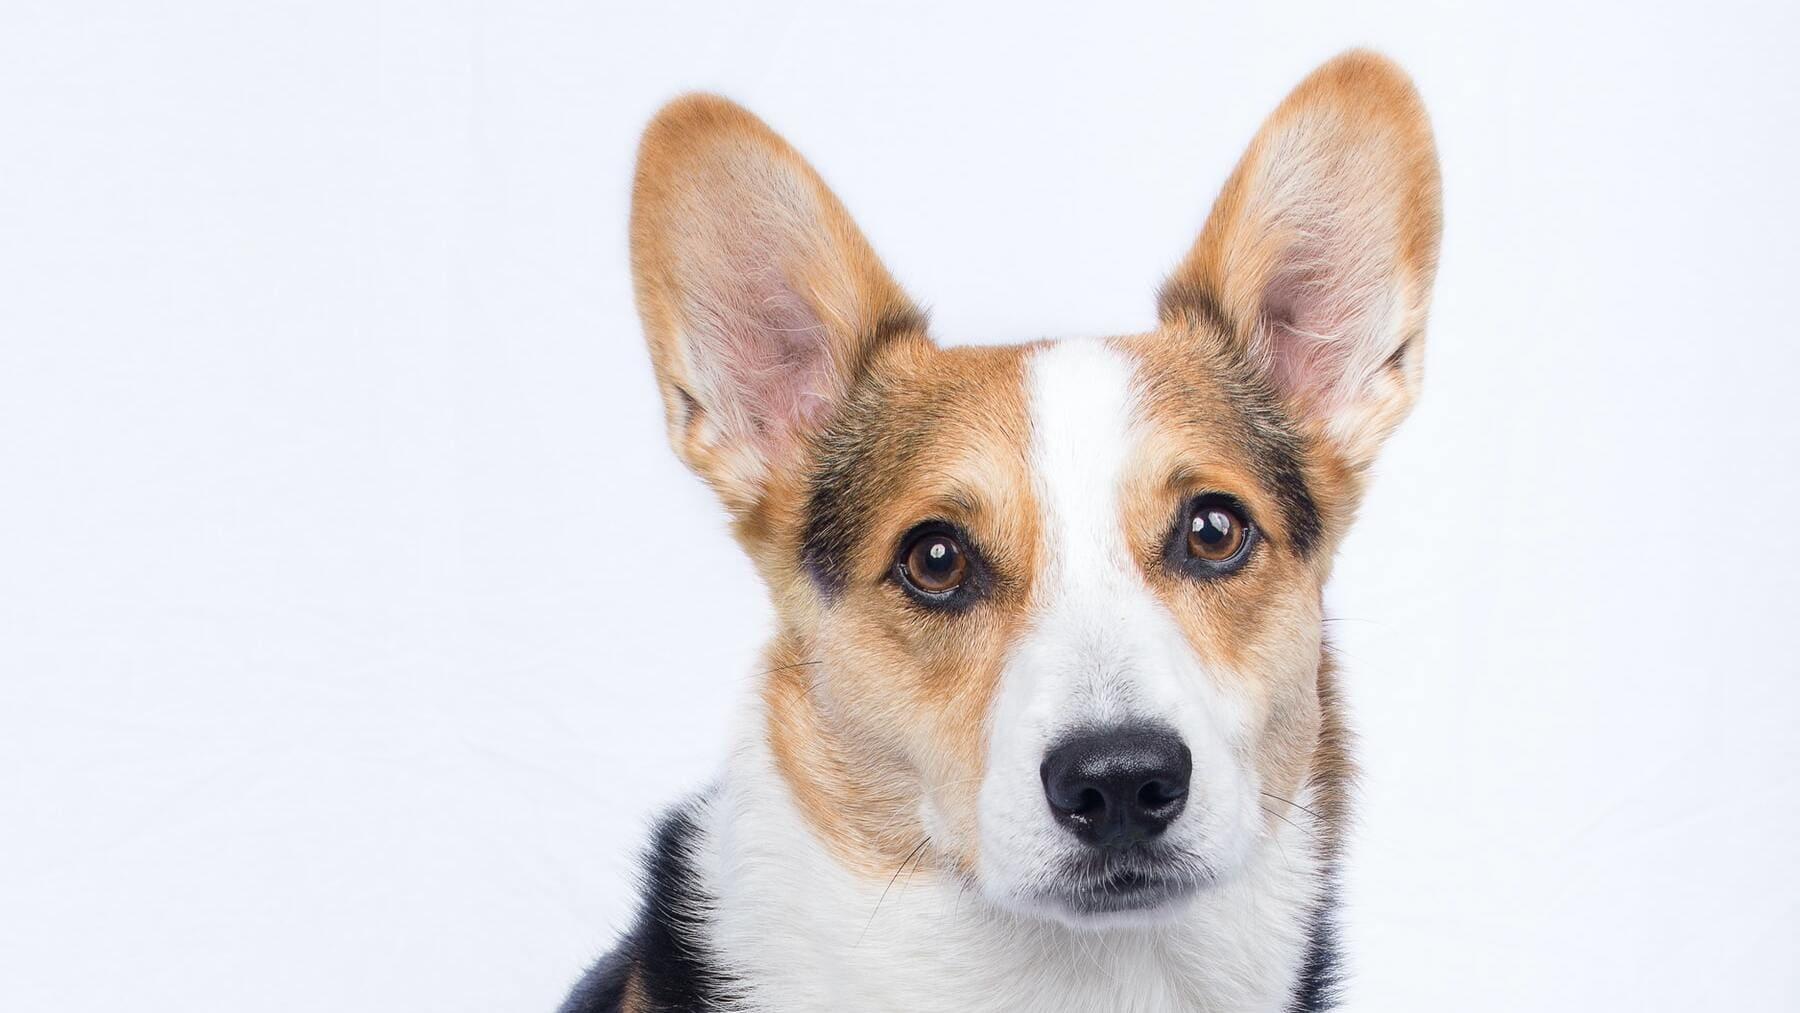 Por qué aúllan los perros